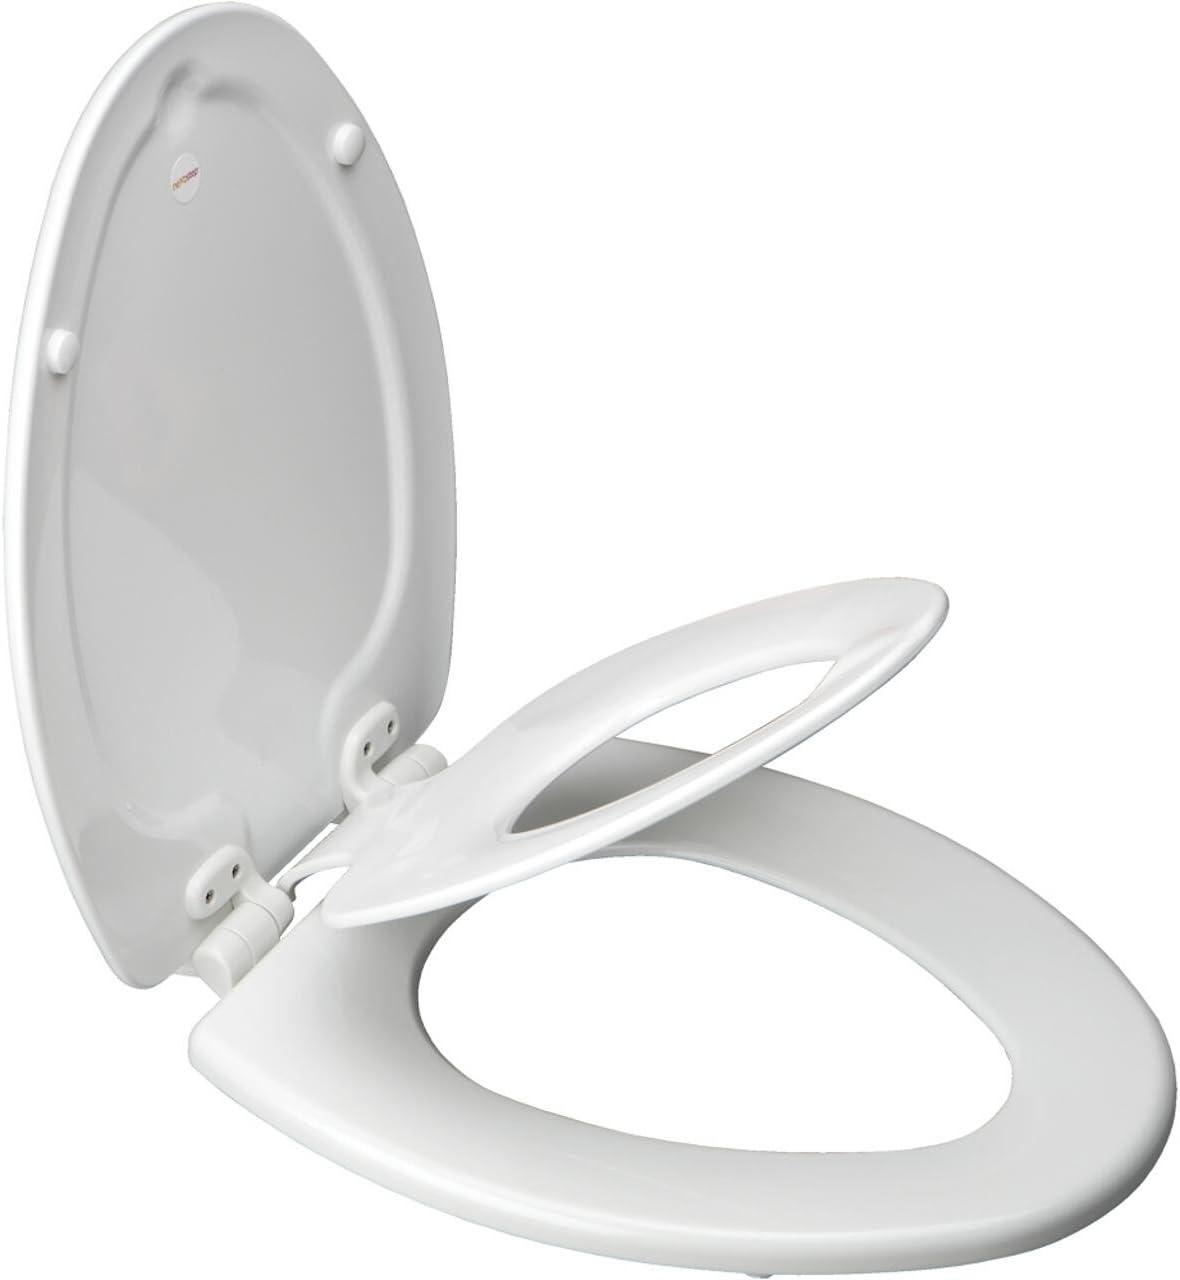 White Church 1483SLOW 000 Next Step Toilet Seat